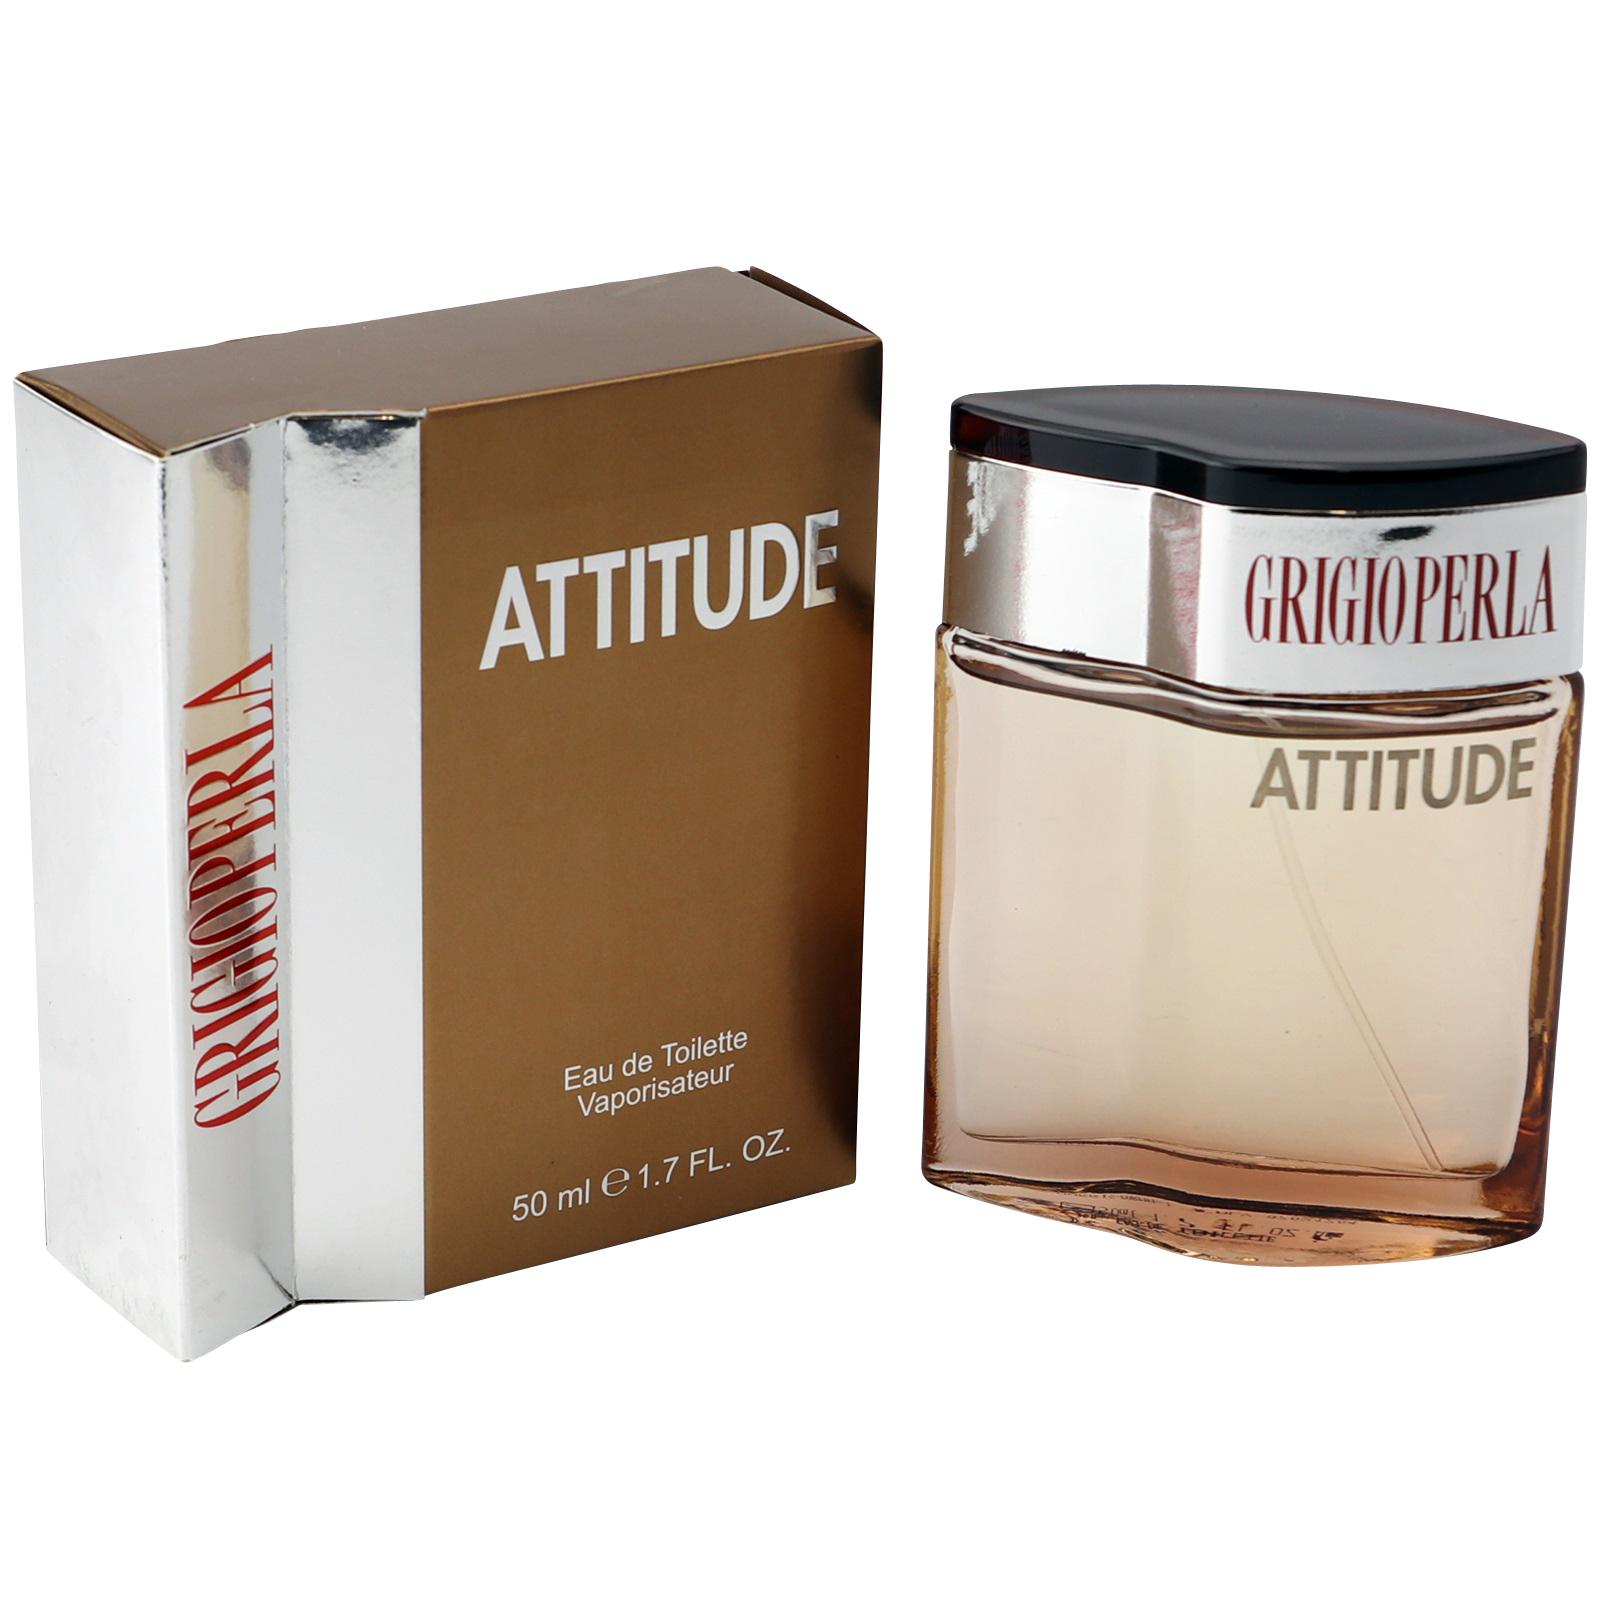 La Perla Grigio Perla Attitude Eau De Toilette 50 ml